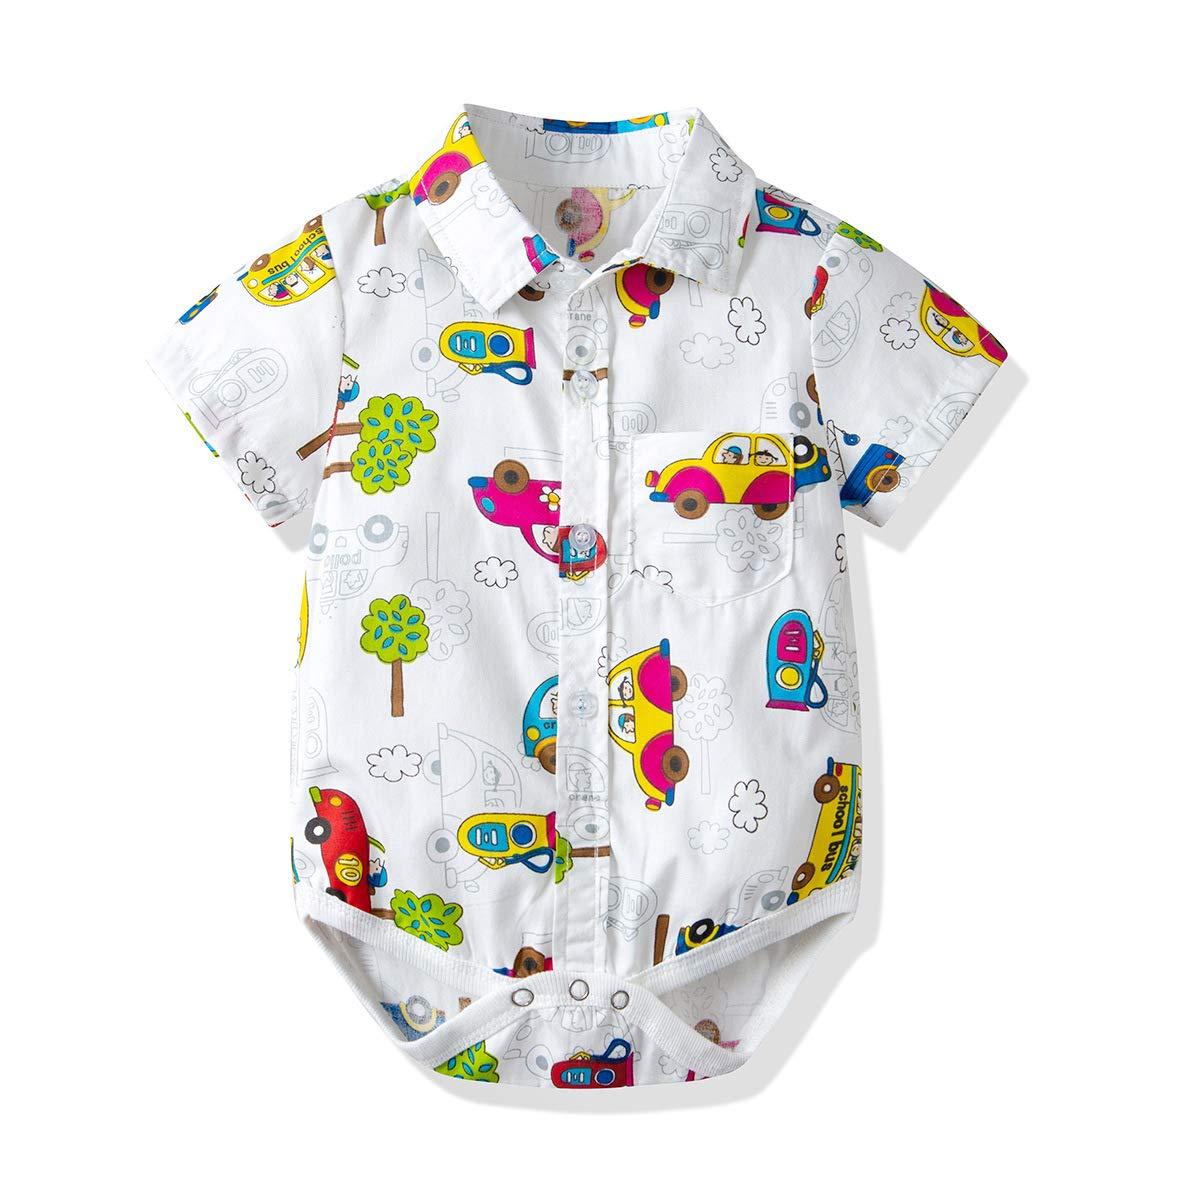 Baby Anzuge Sakkos Aiwuhe Baby Jungen Bekleidung Set Festliche Kleidung Smokings Gentleman Anzug Fliege Kinderbekleidung